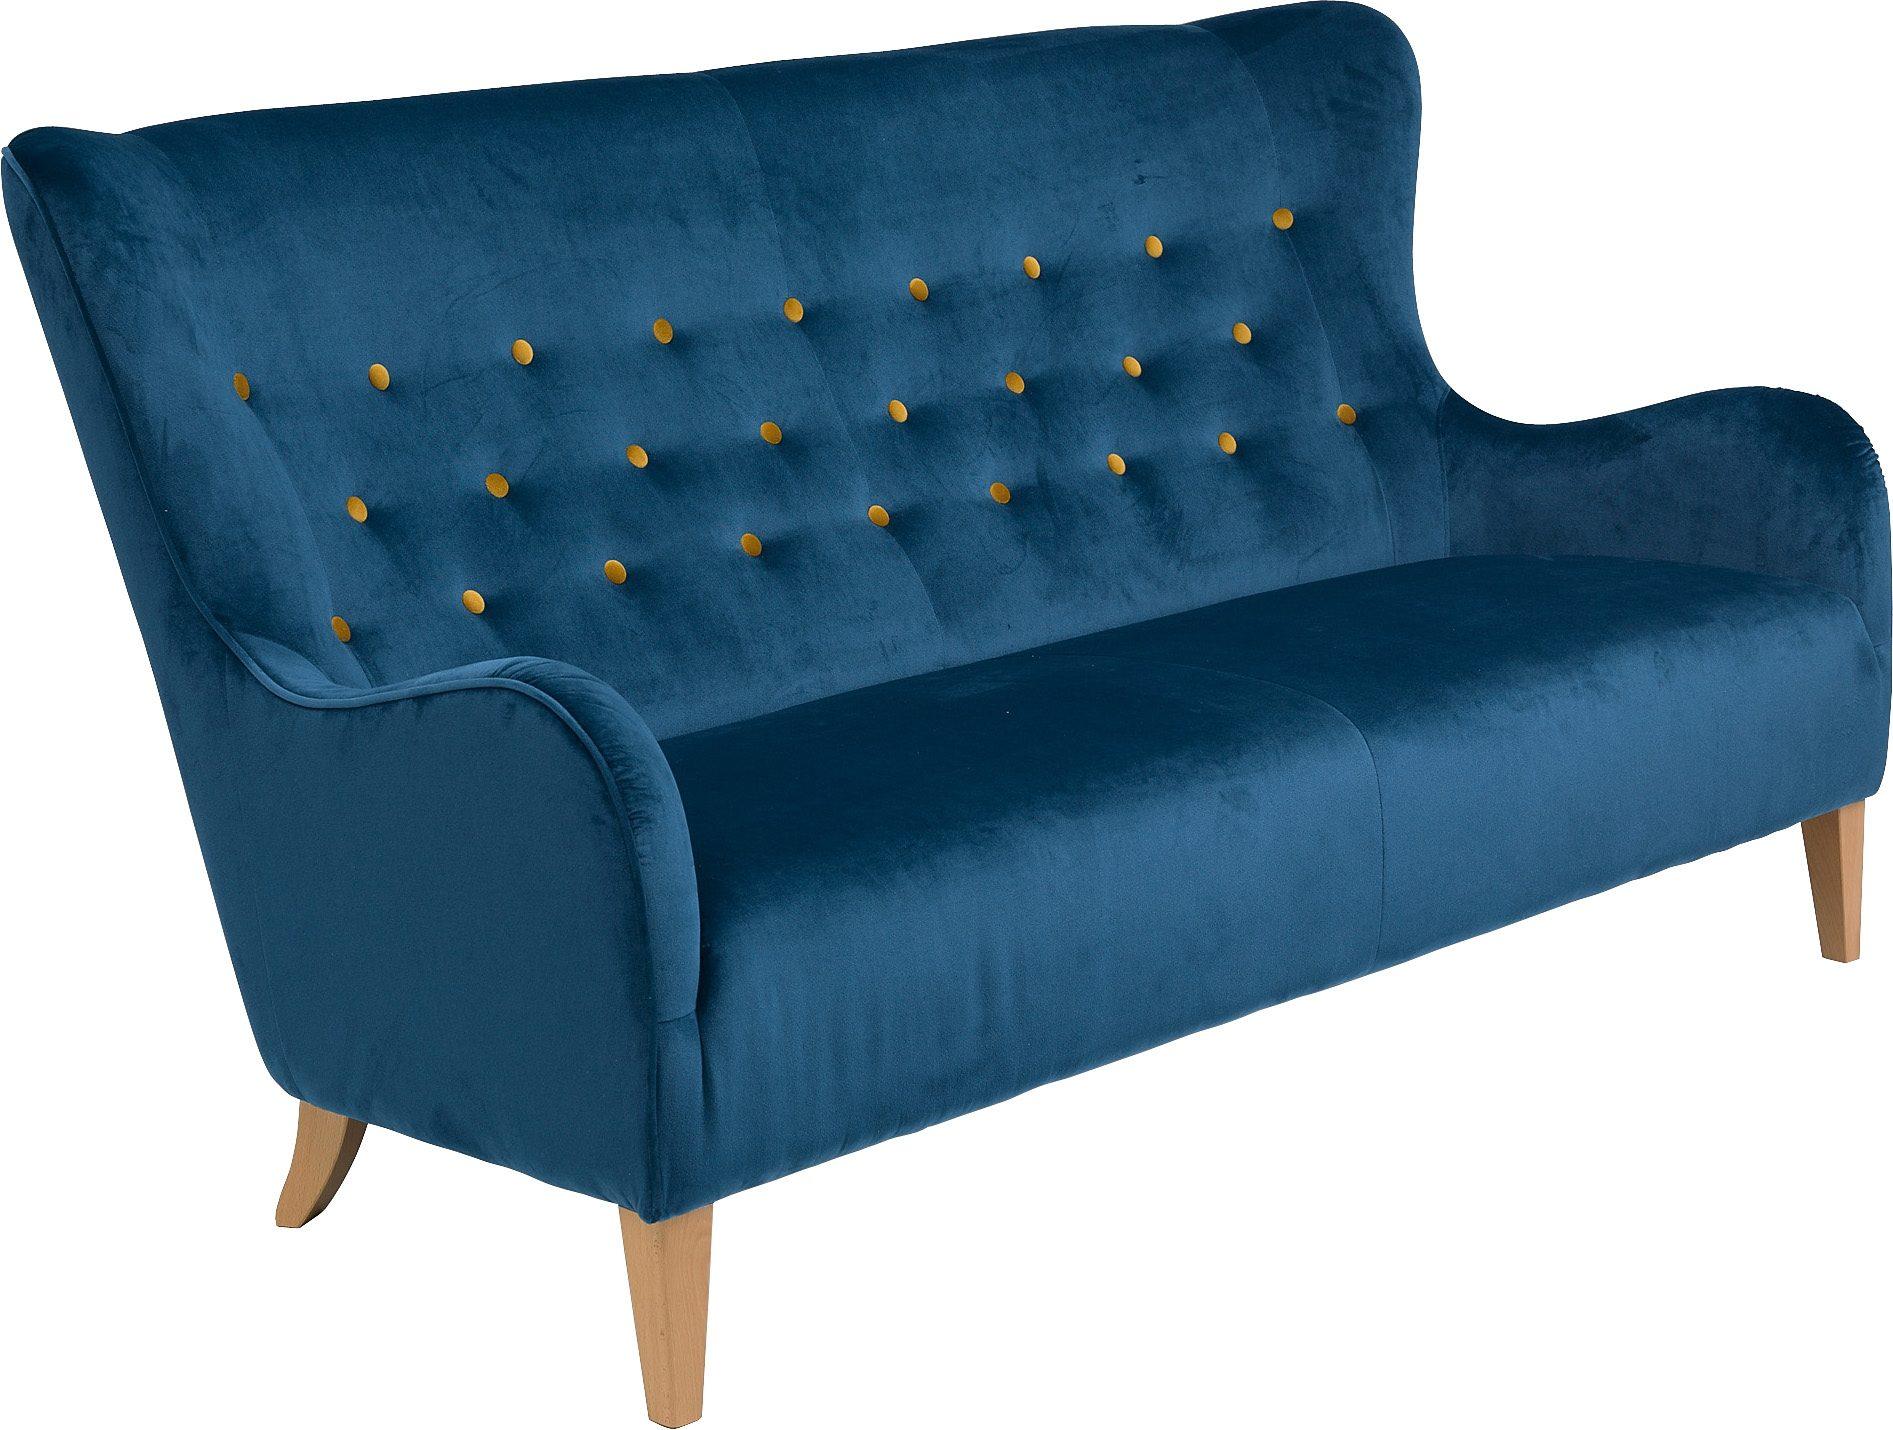 Max Winzer® 2,5-Sitzer Sofa »Melina« im Retrolook, mit farbigen Zierknöpfen, Breite 190 cm